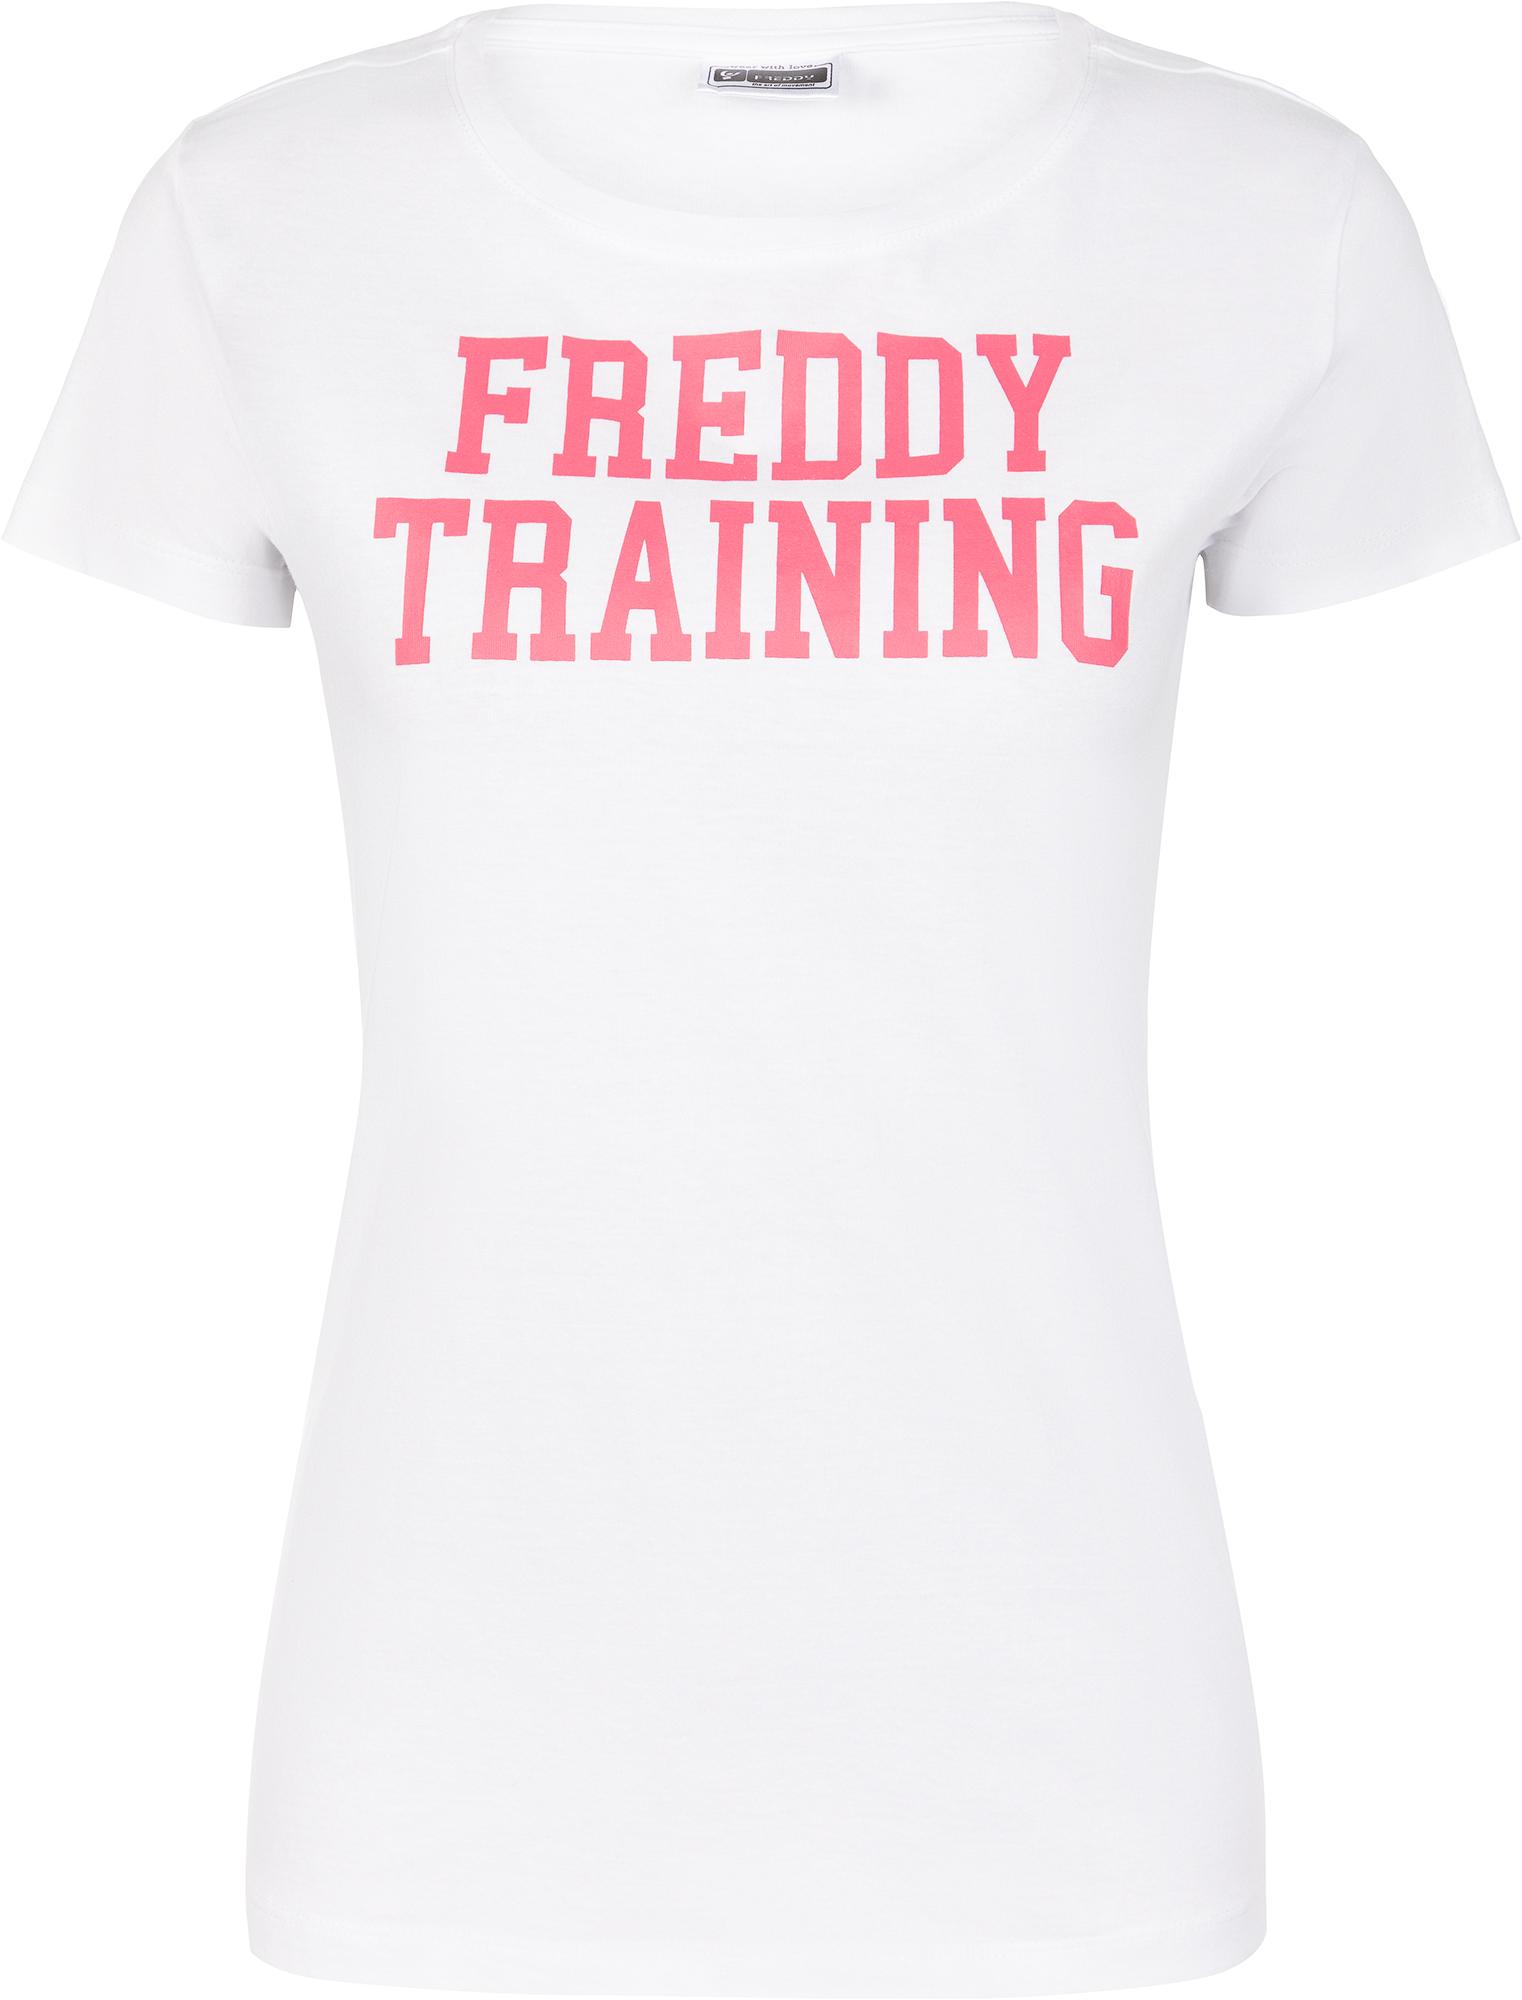 футболка женская oodji ultra цвет бежево розовый 14701005 7b 46147 4b00n размер s 44 Freddy Футболка женская Freddy, размер 44-46